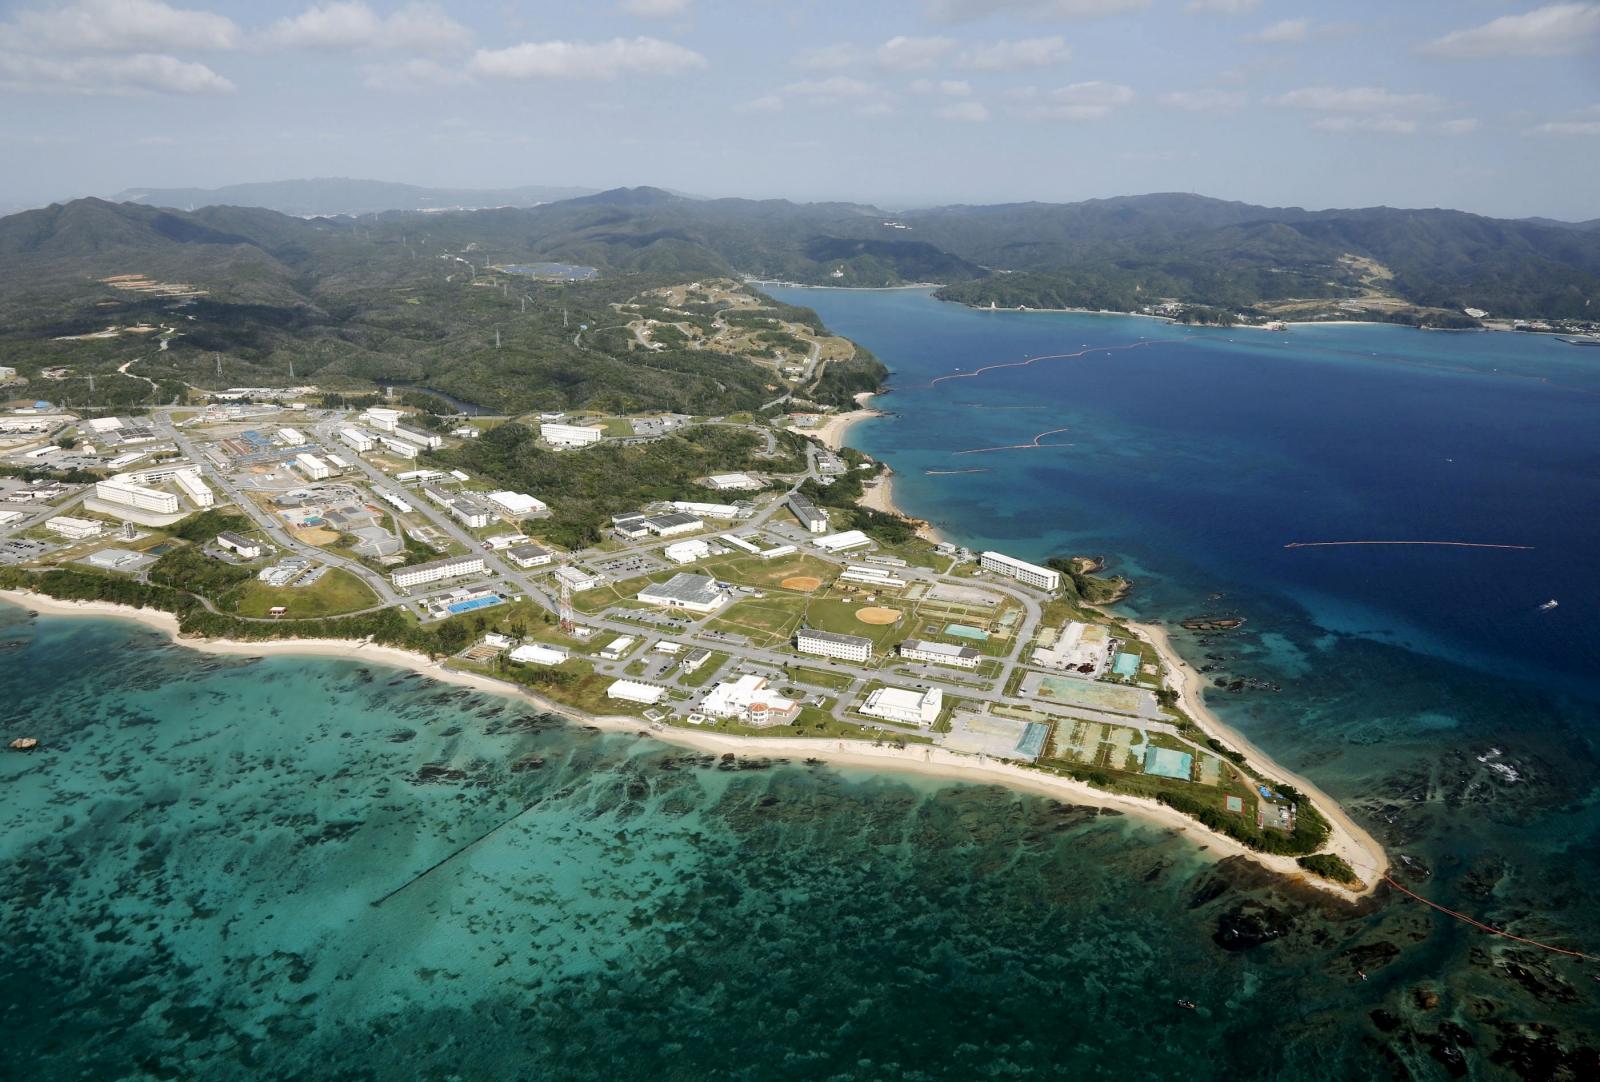 Southern Japanese island of Okinawa